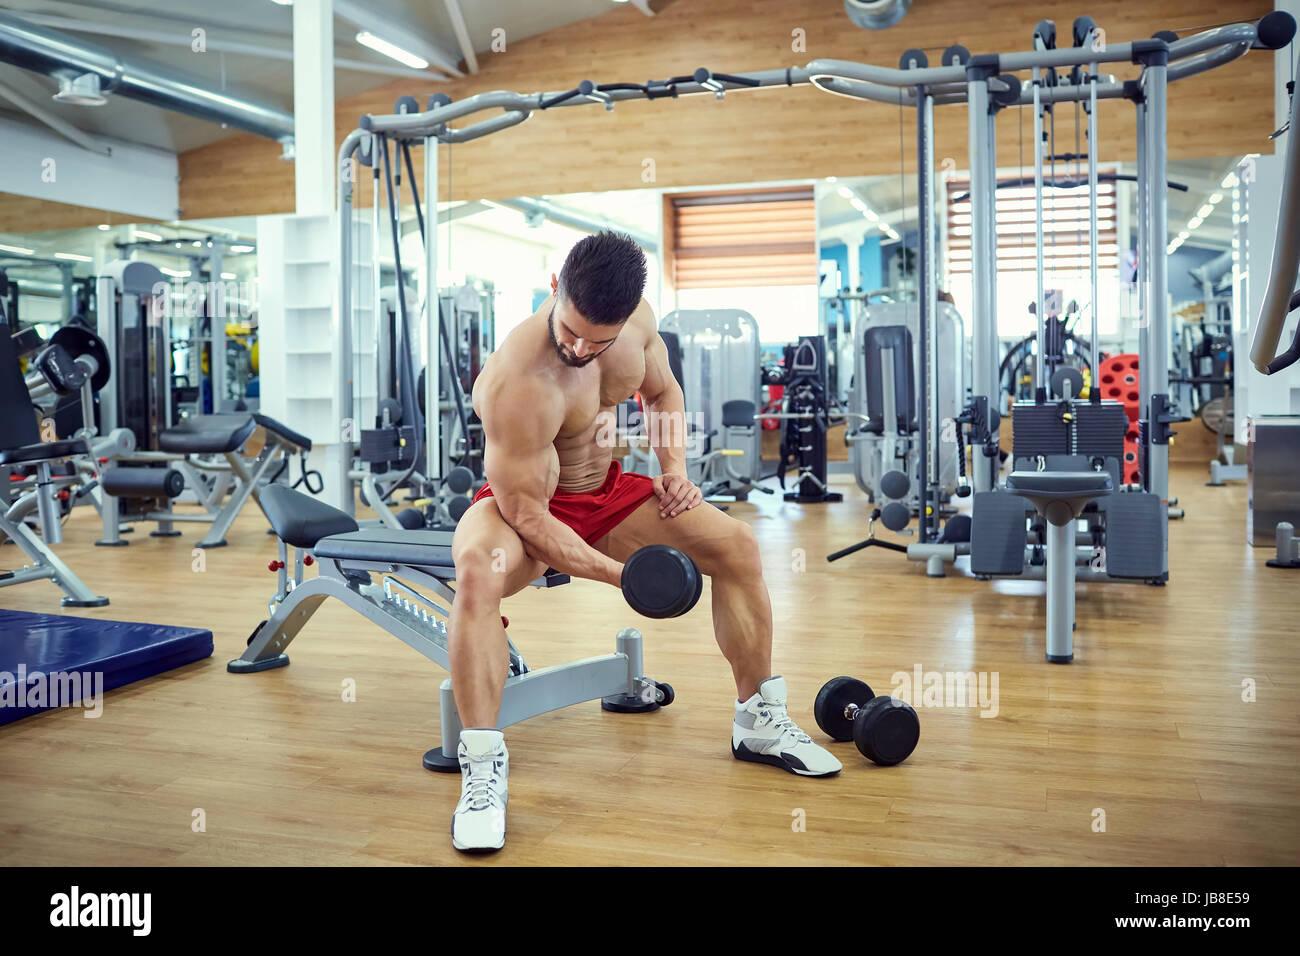 Allestitore non esercizi con i pesi in palestra Immagini Stock